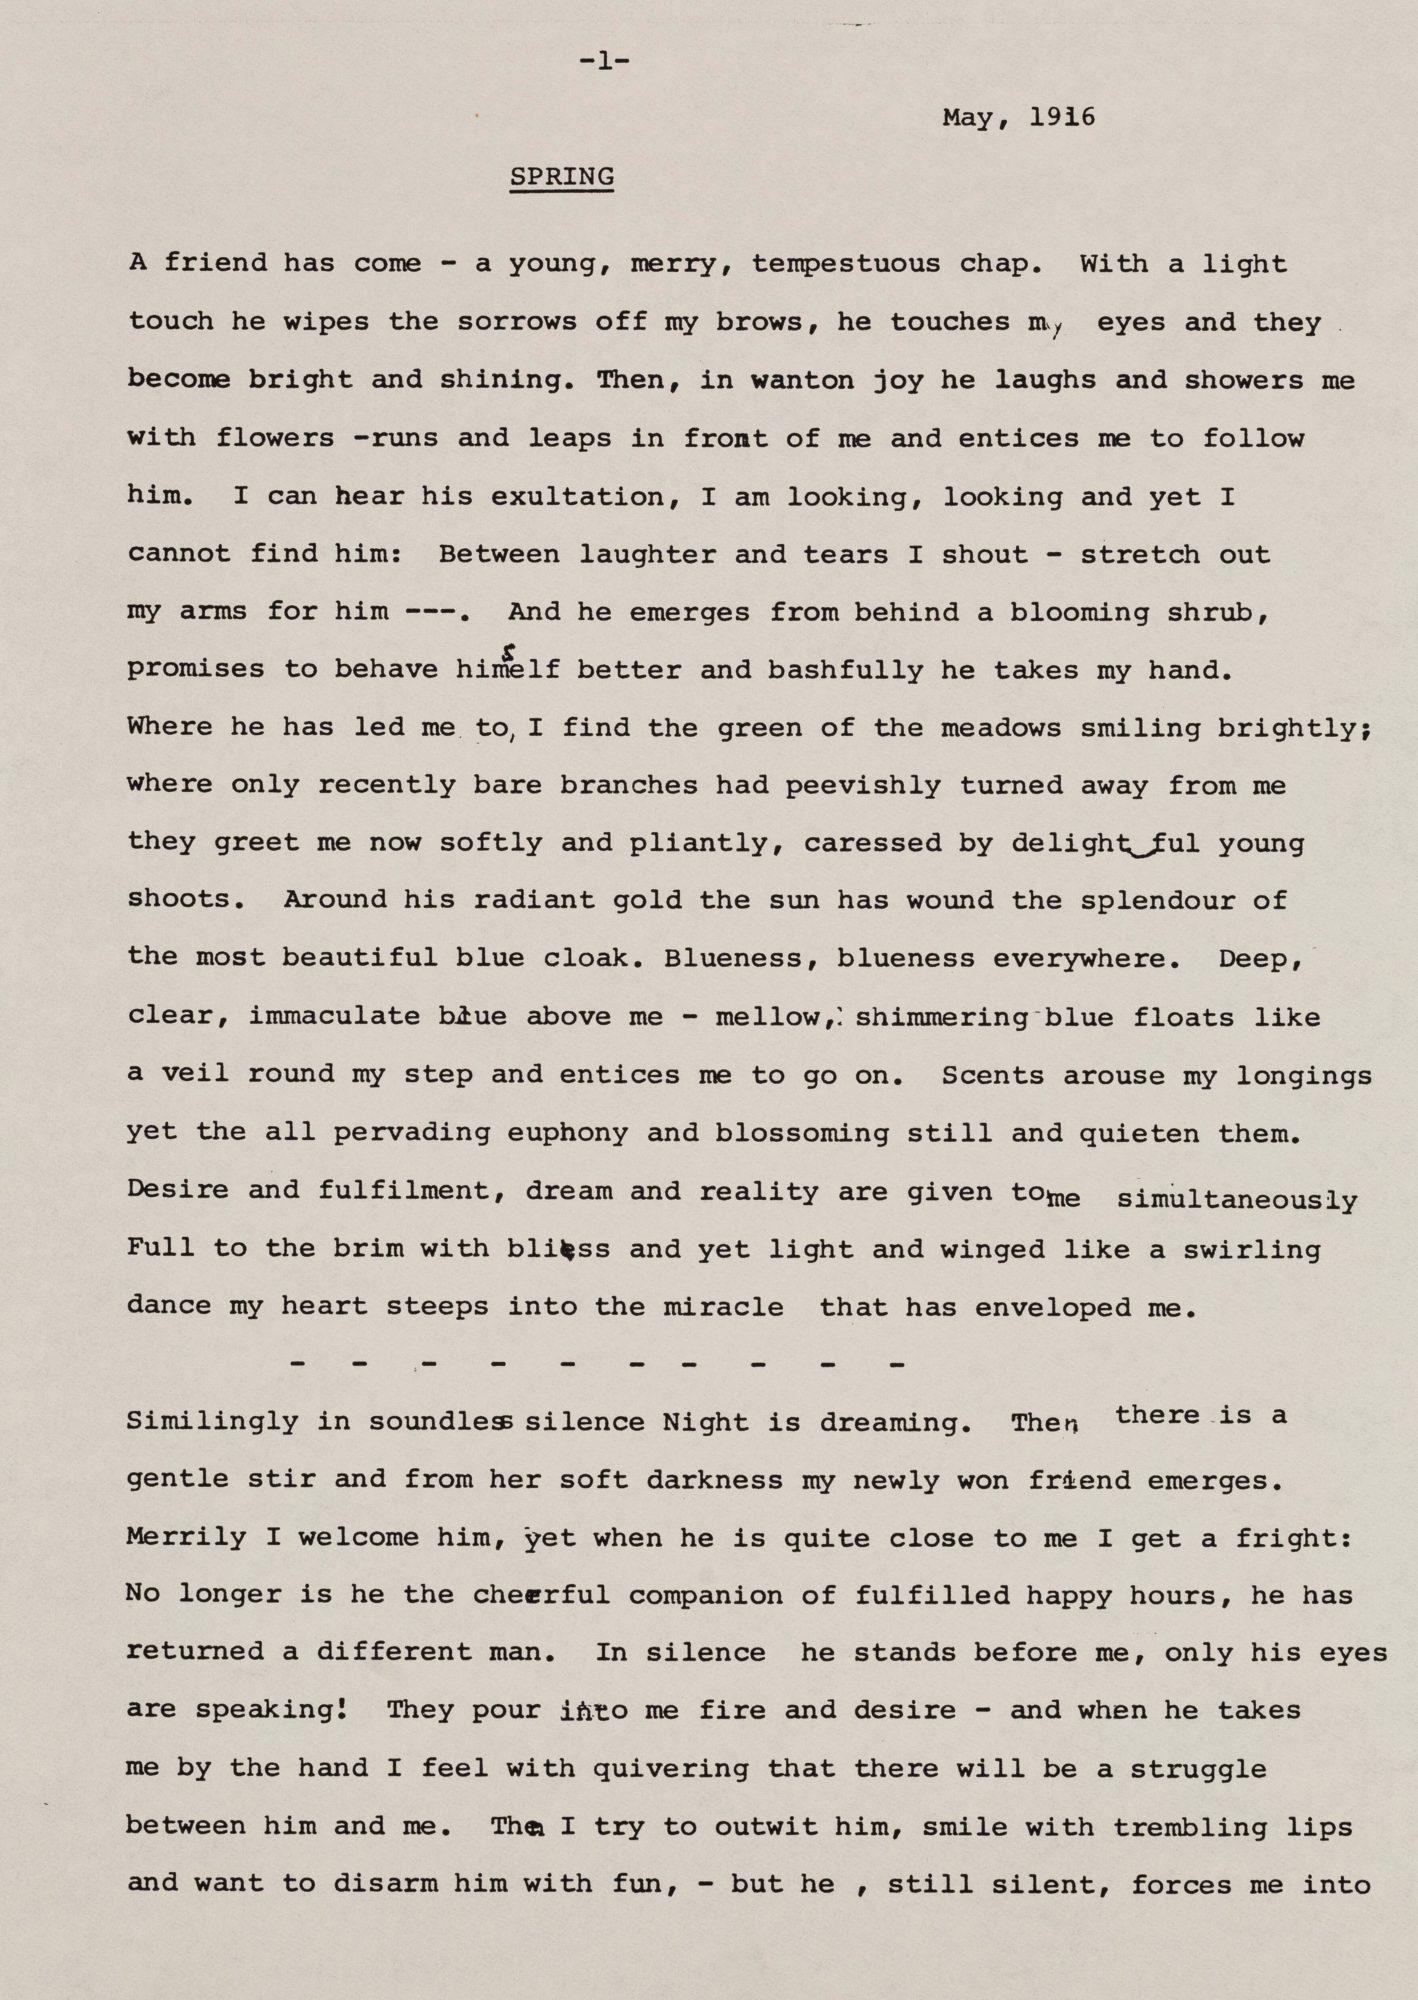 Первая страница рассказа «Весна» ('Frühling'), написанного Кляйн в 1916 году